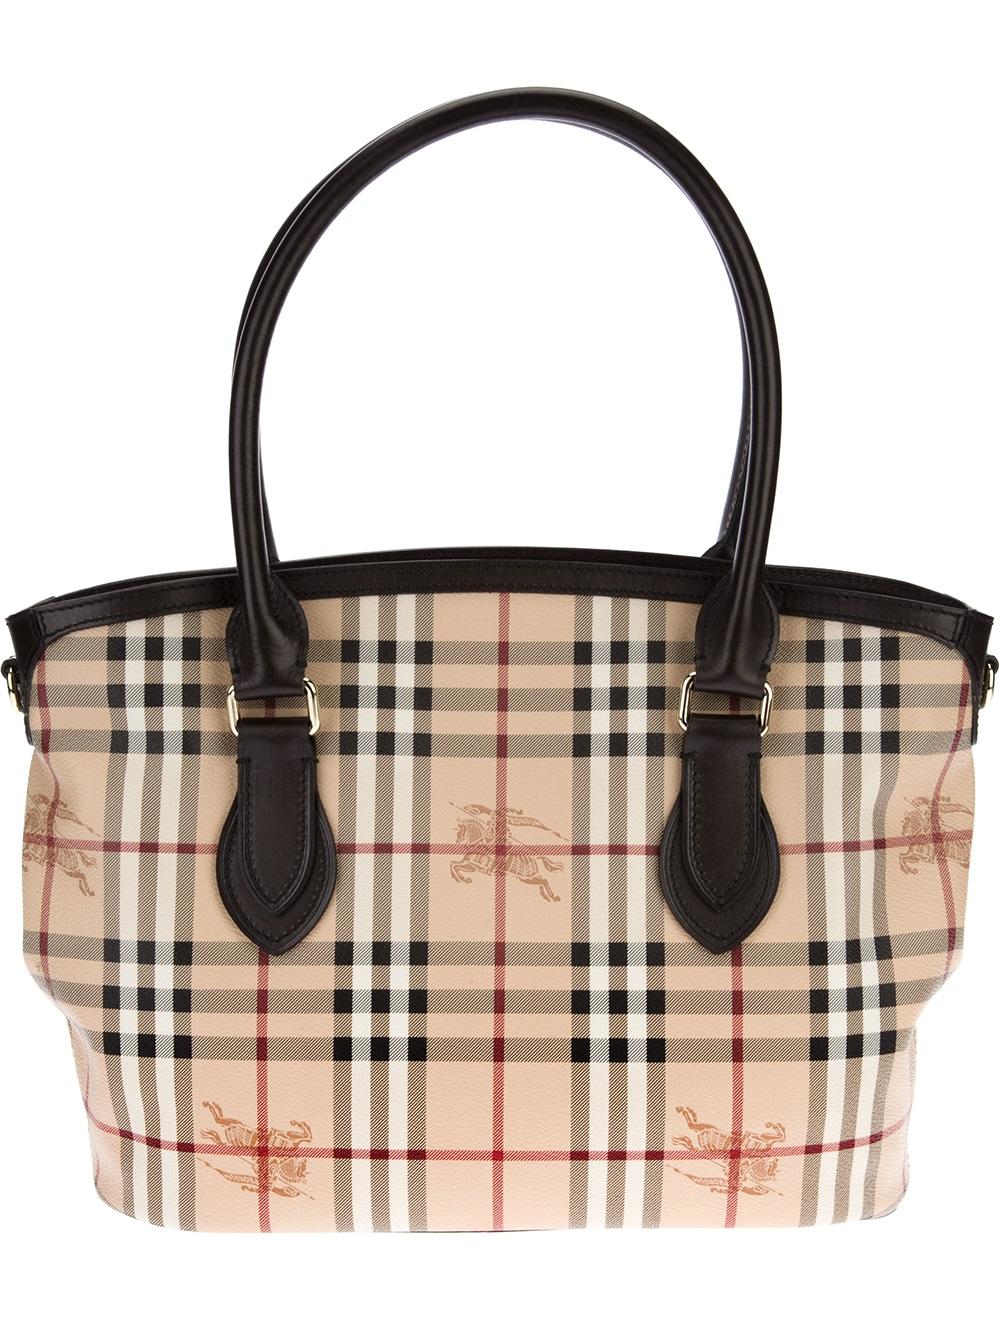 4c31944e261a Burberry Shopper Bag - Ontario Active School Travel